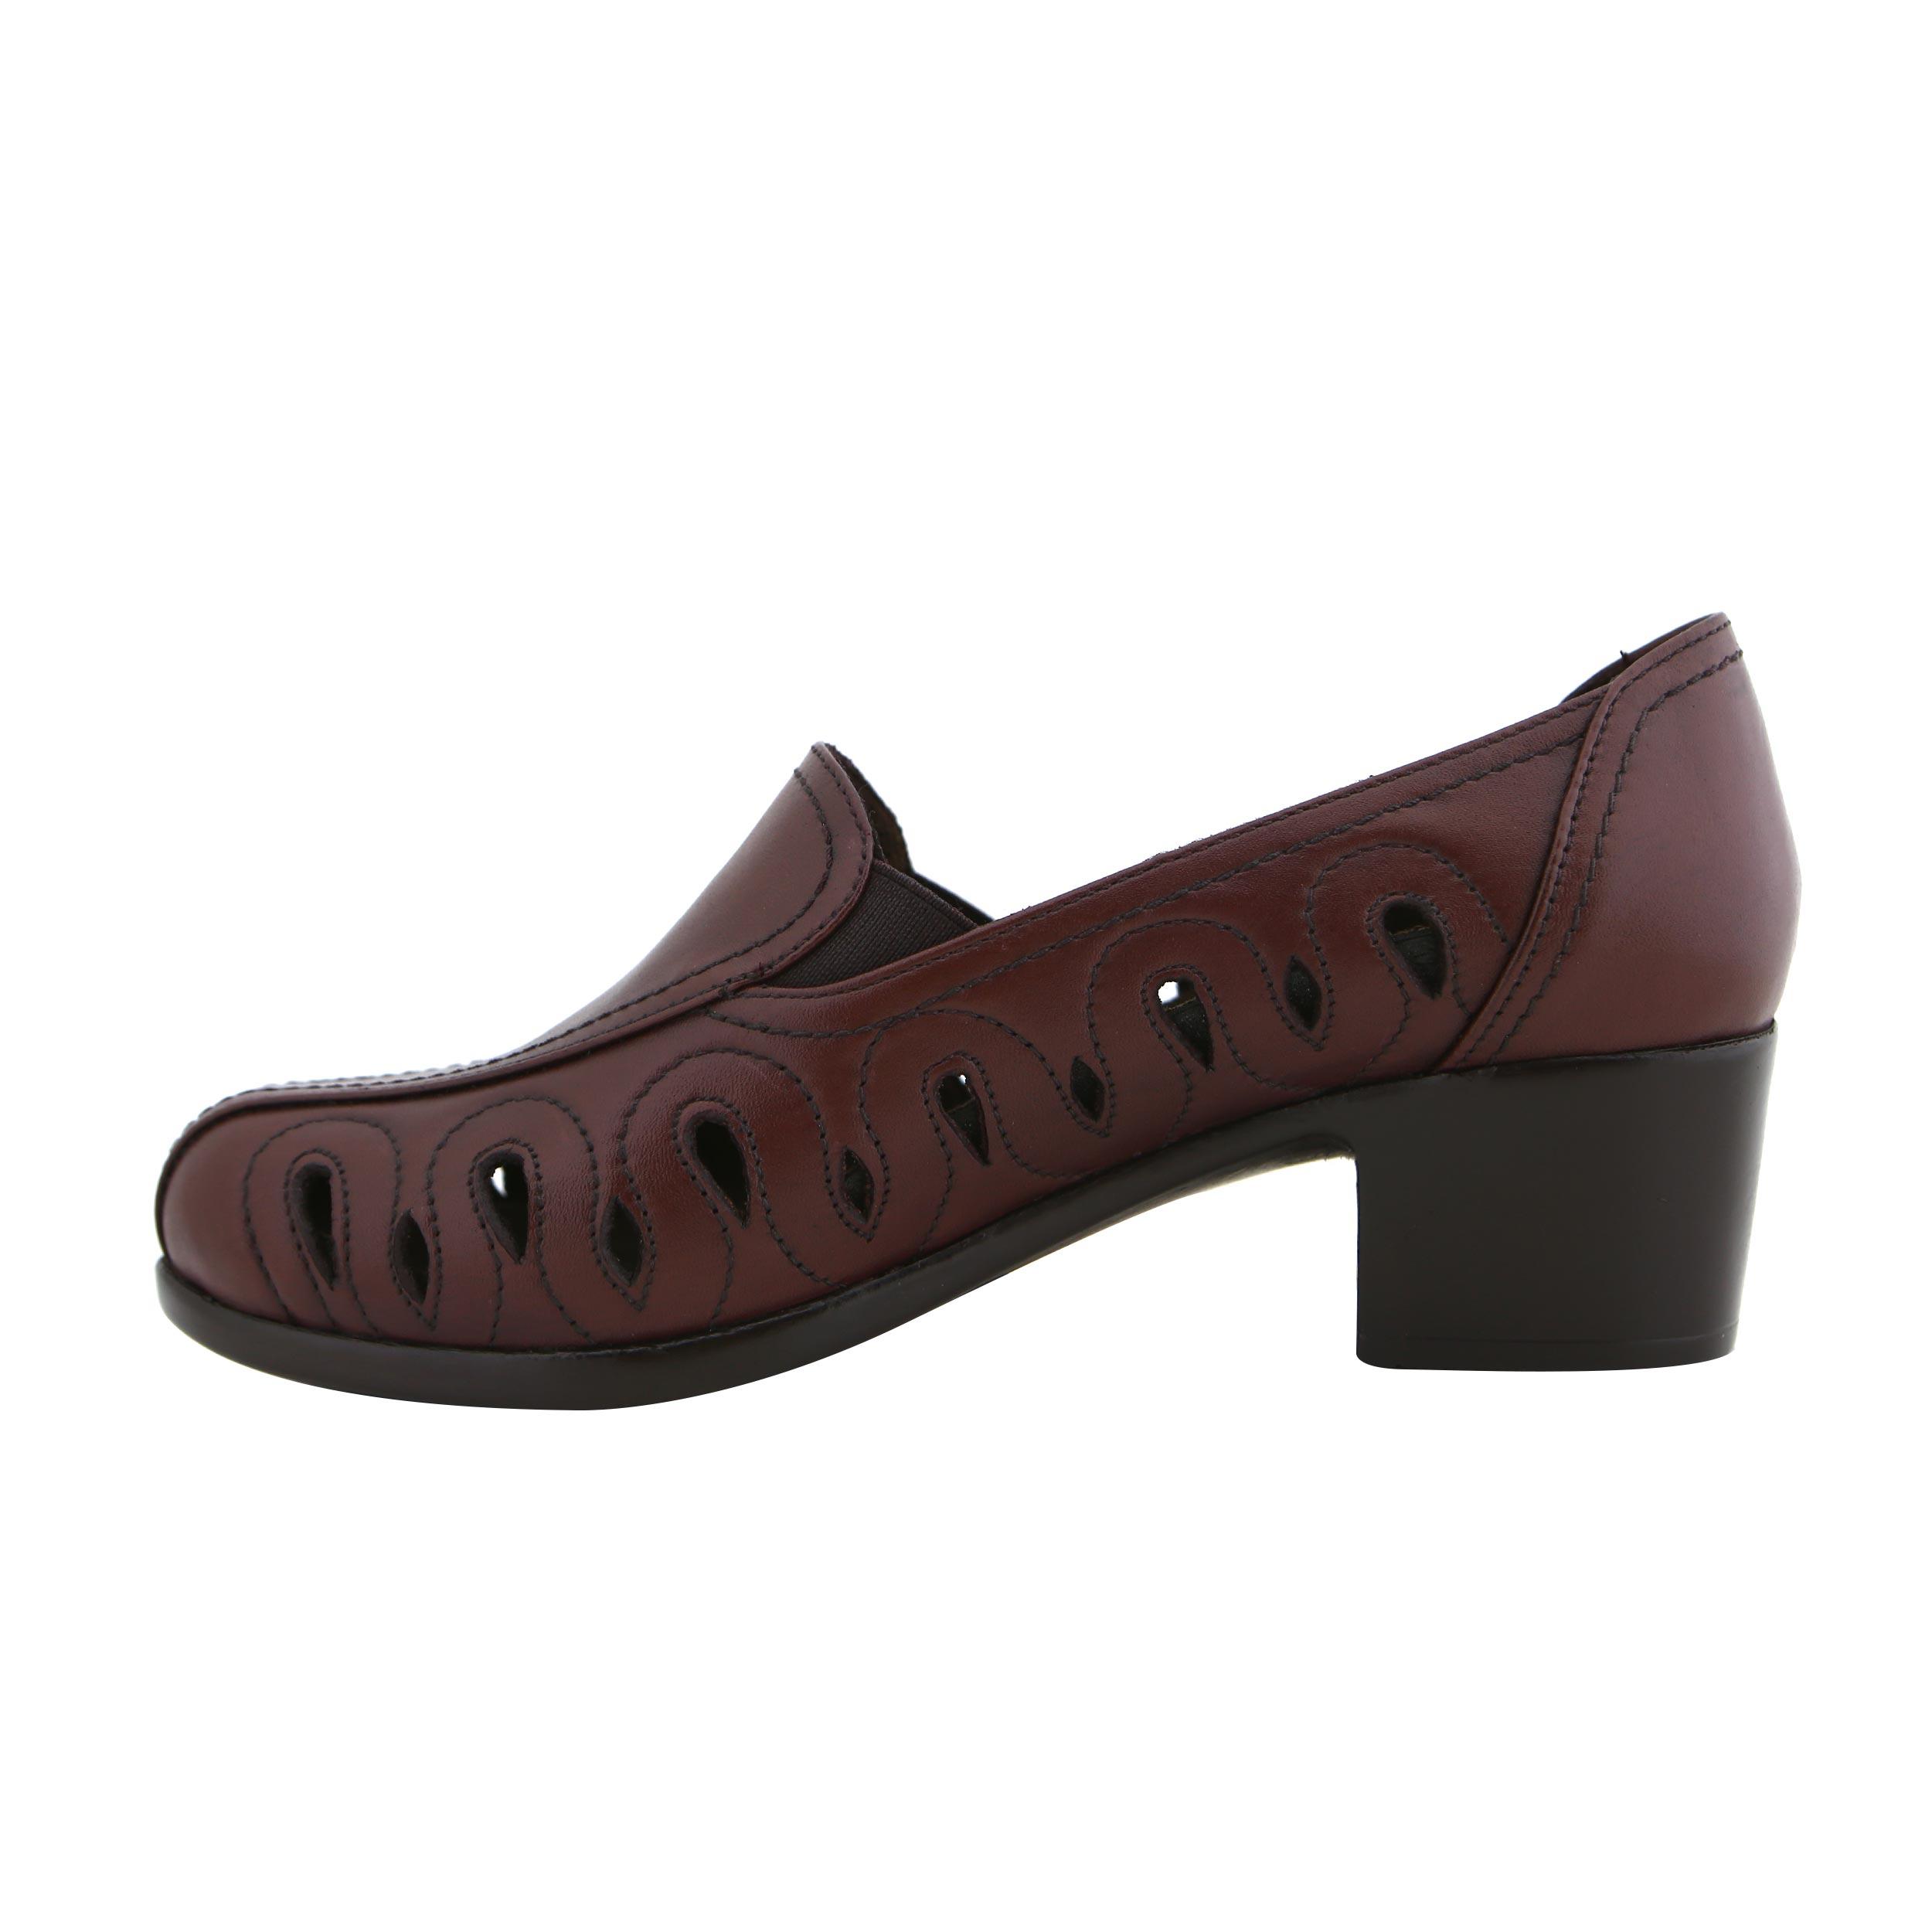 خرید                      کفش زنانه روشن مدل ترمه کد 22